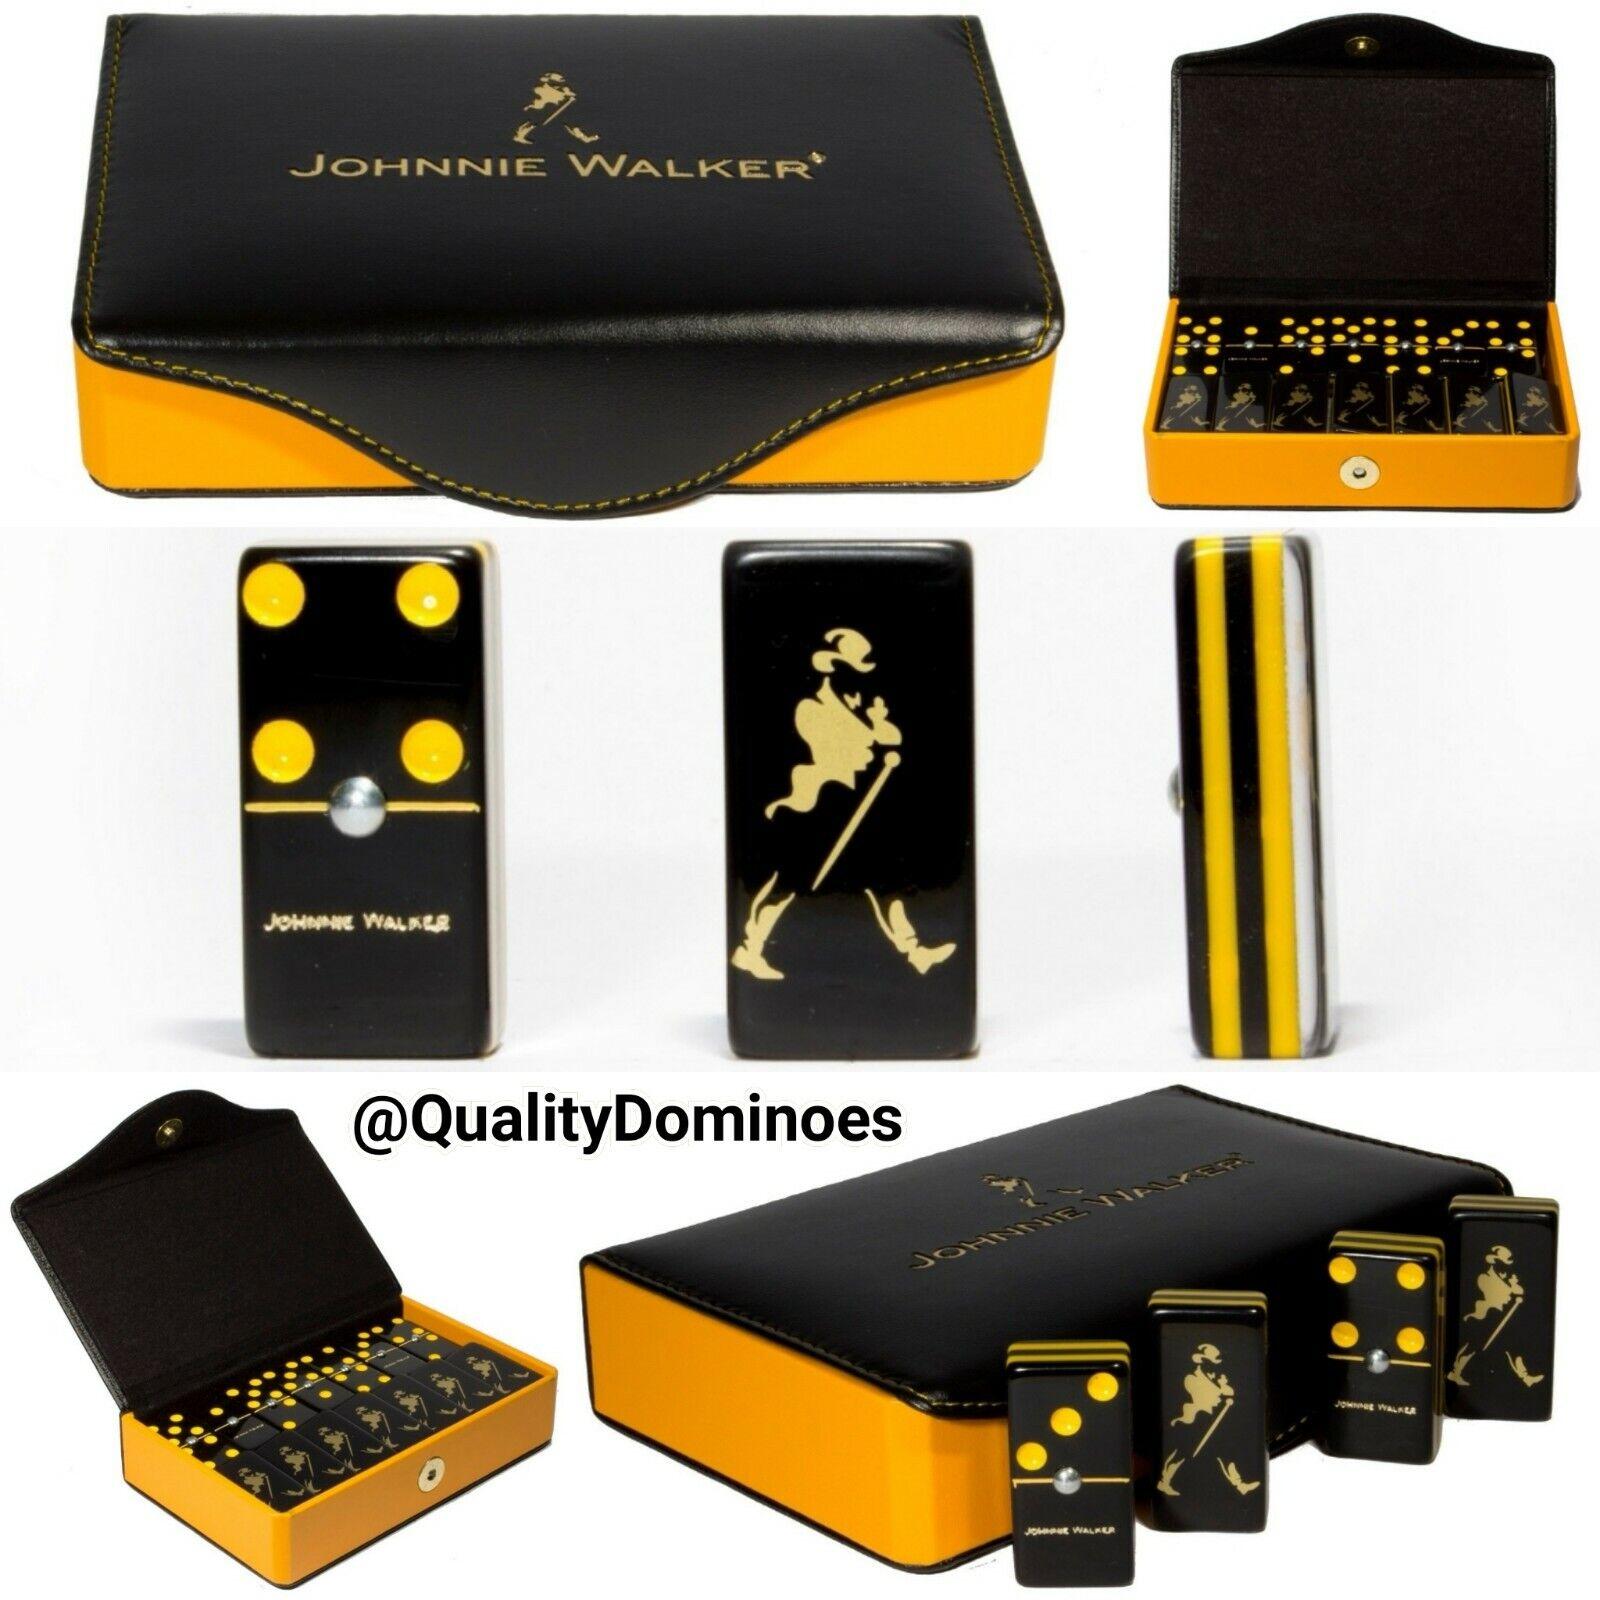 Johnnie Walker Whisky Domino Game Set Jumbo Größe Man Sie Gift Dominoes Man Cave